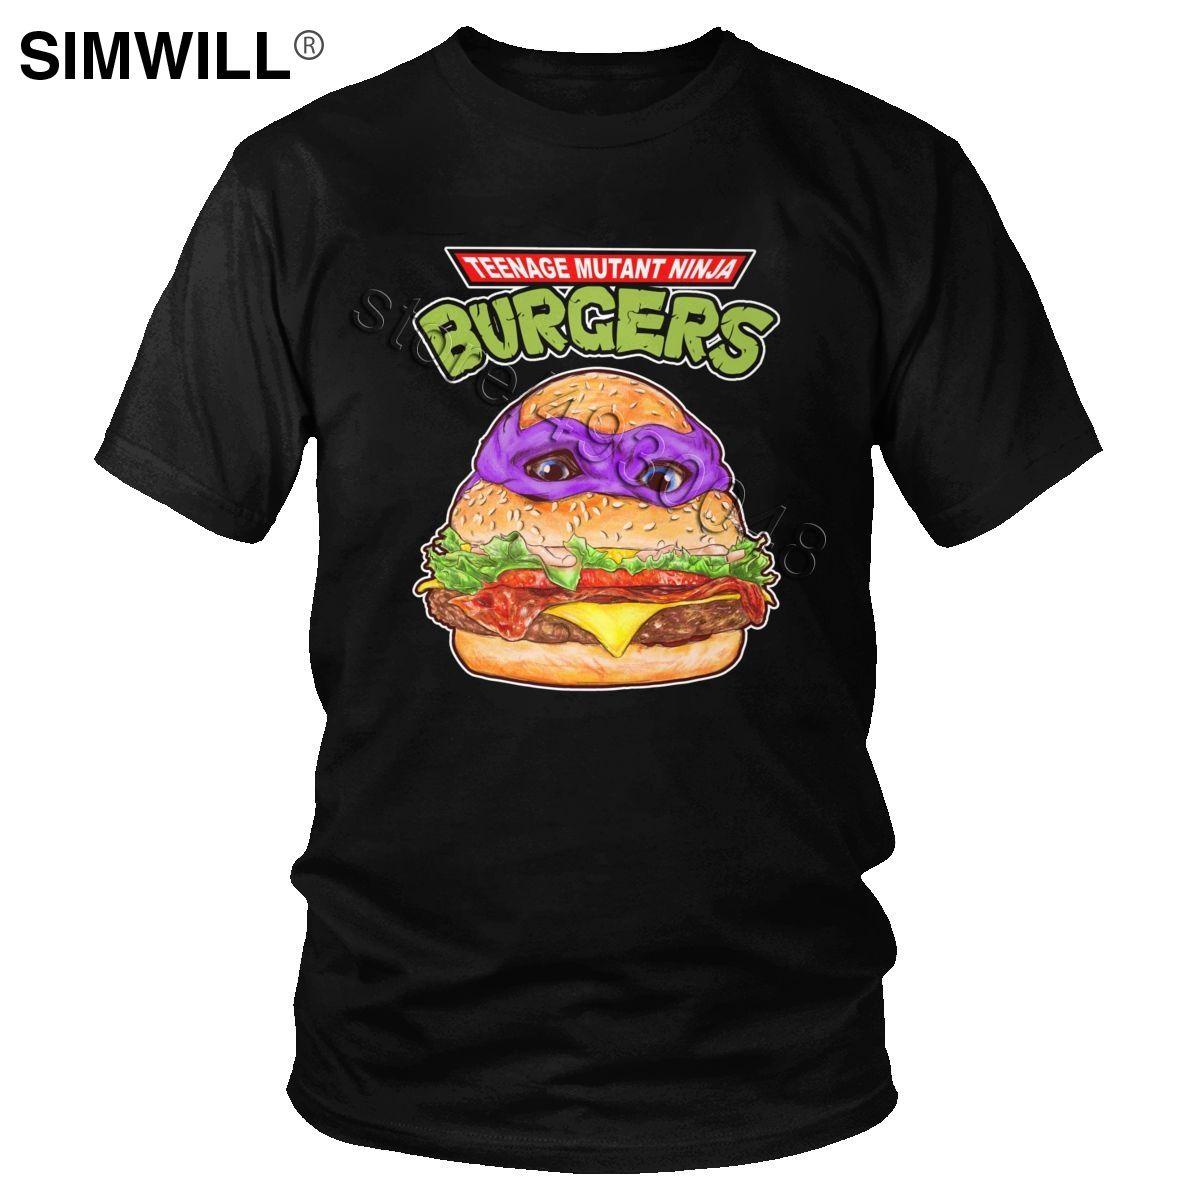 Classique Dernières T-shirt pour homme pur Burgers drôle de coton T-shirt manches courtes T-shirt Hamburger de loisirs T-shirt cadeau fans jeu